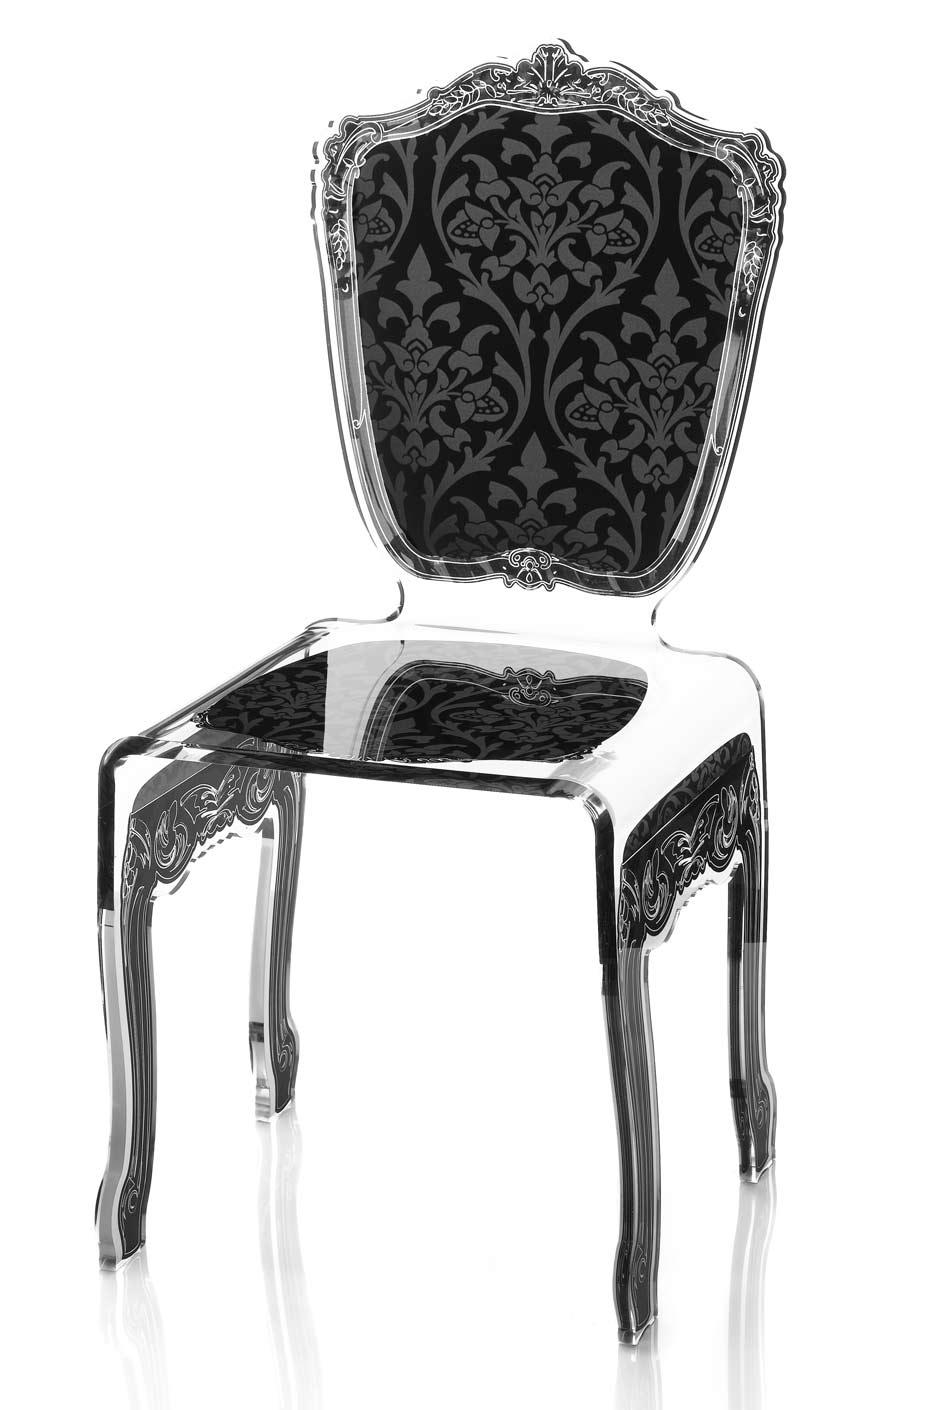 Chaise plexiglas transparent baroque motif noir acrila for Chaise en plexiglass